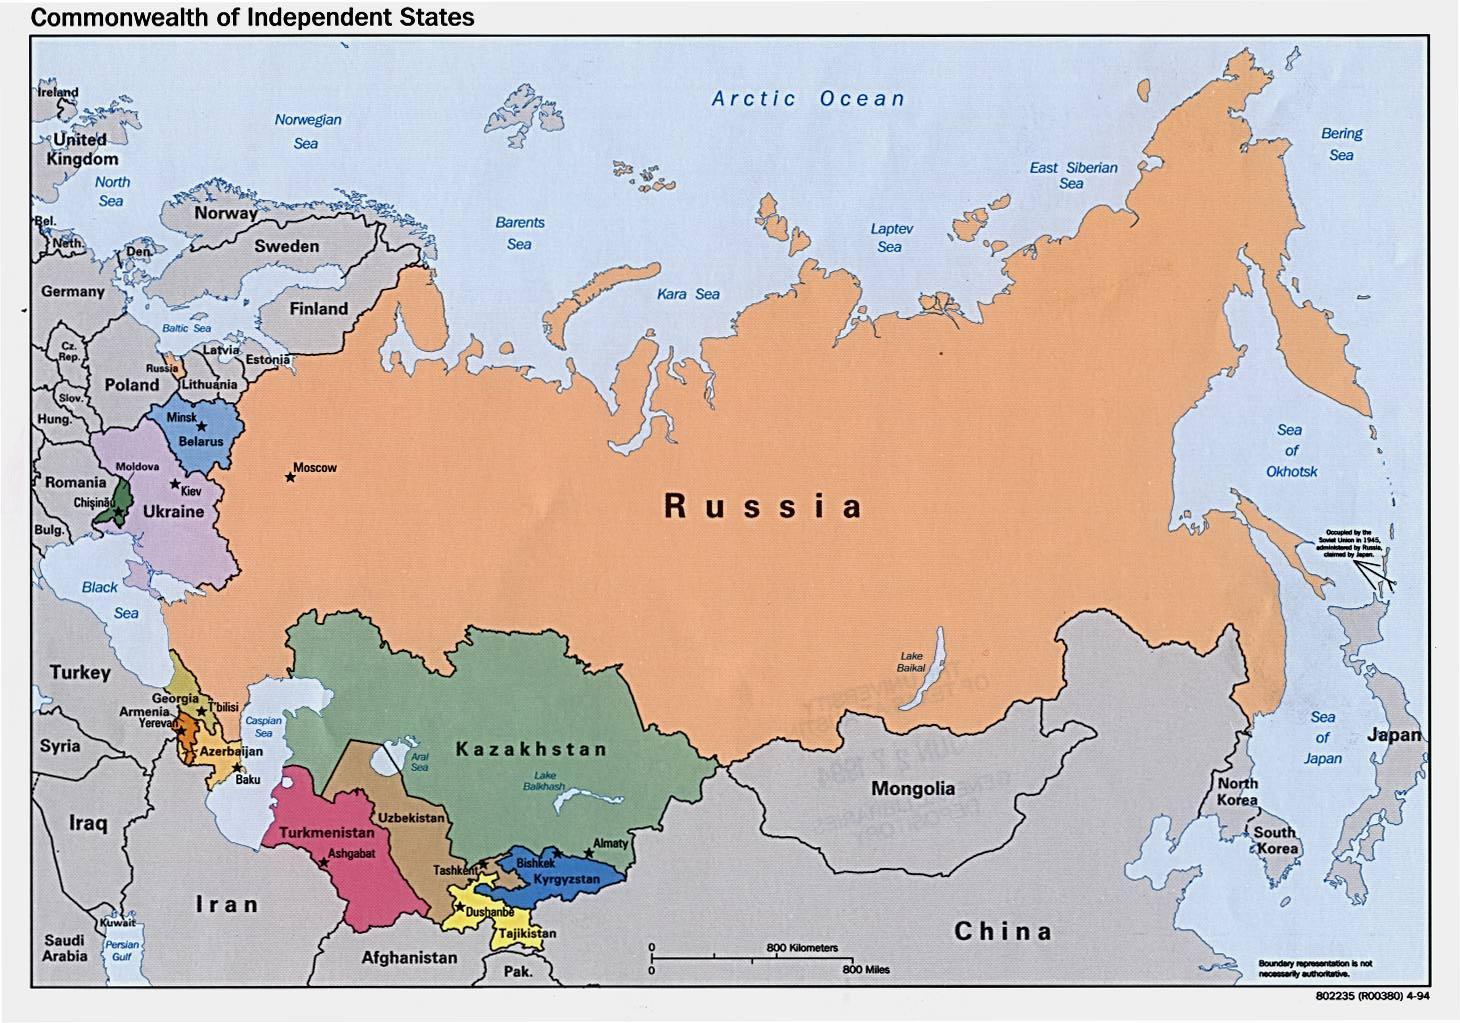 Rusija Danas Mapu Mapa Rusije Danas Istocne Evrope Evropi